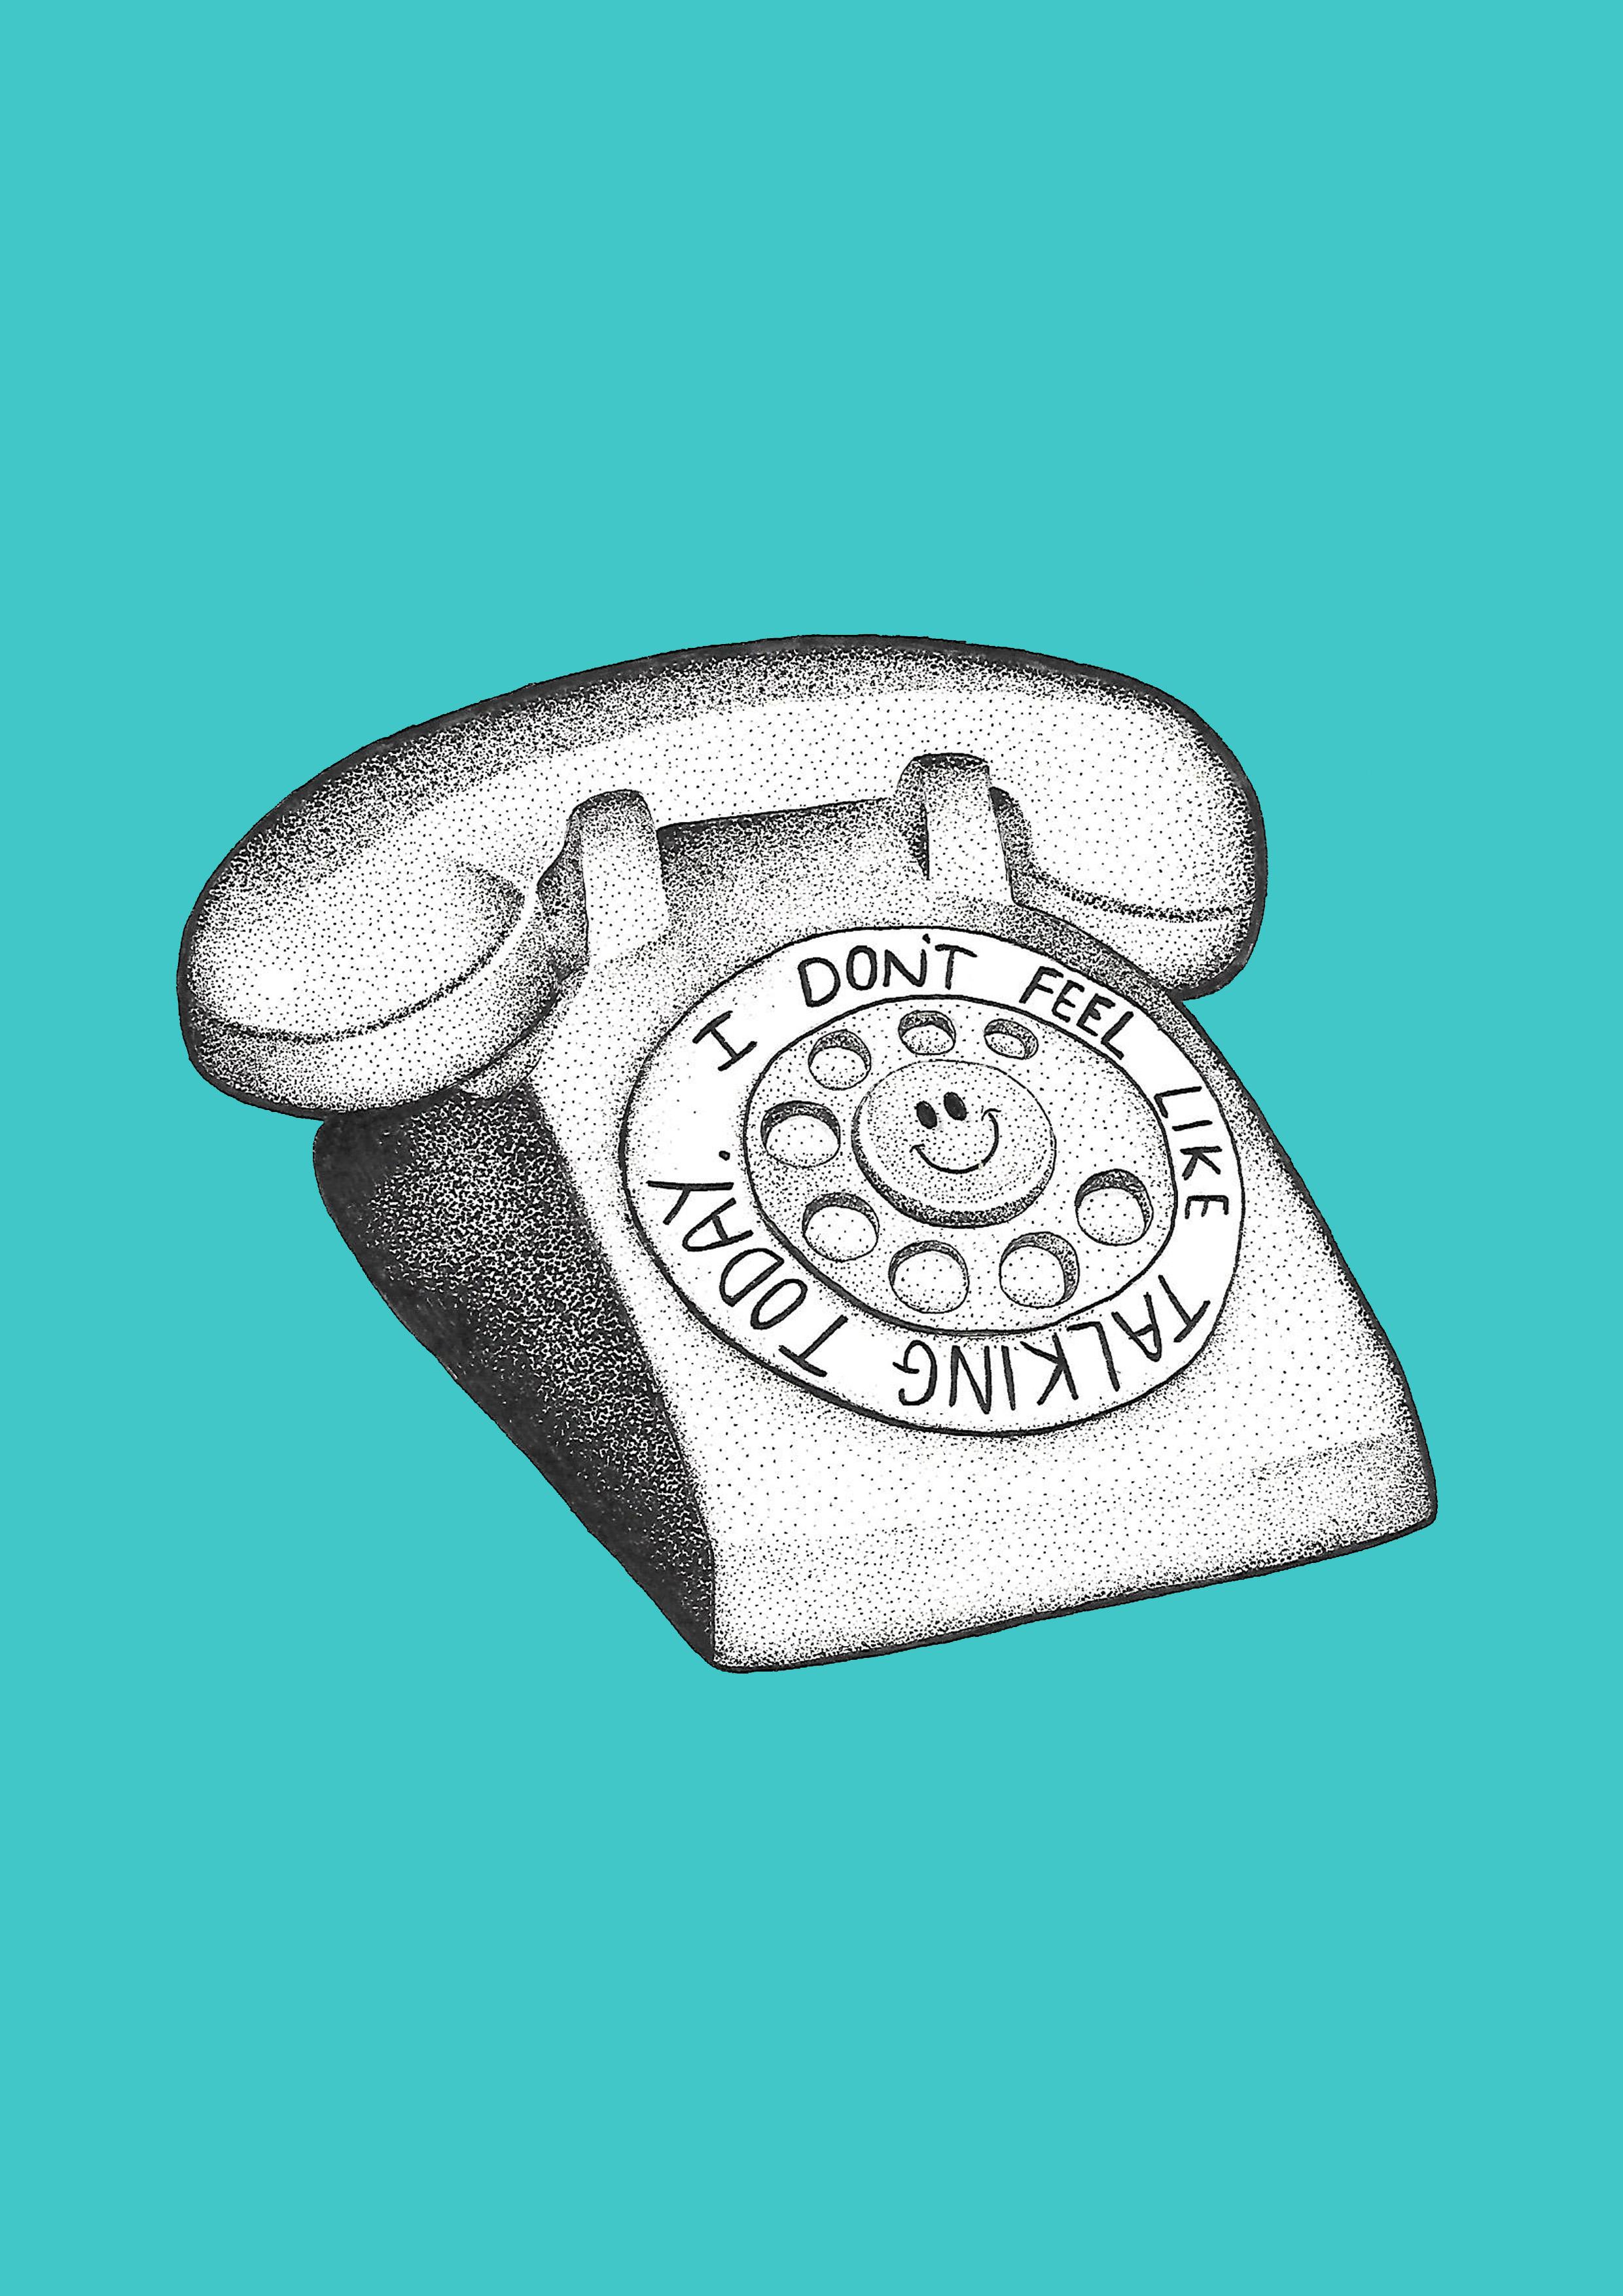 phonebackground-6.jpg